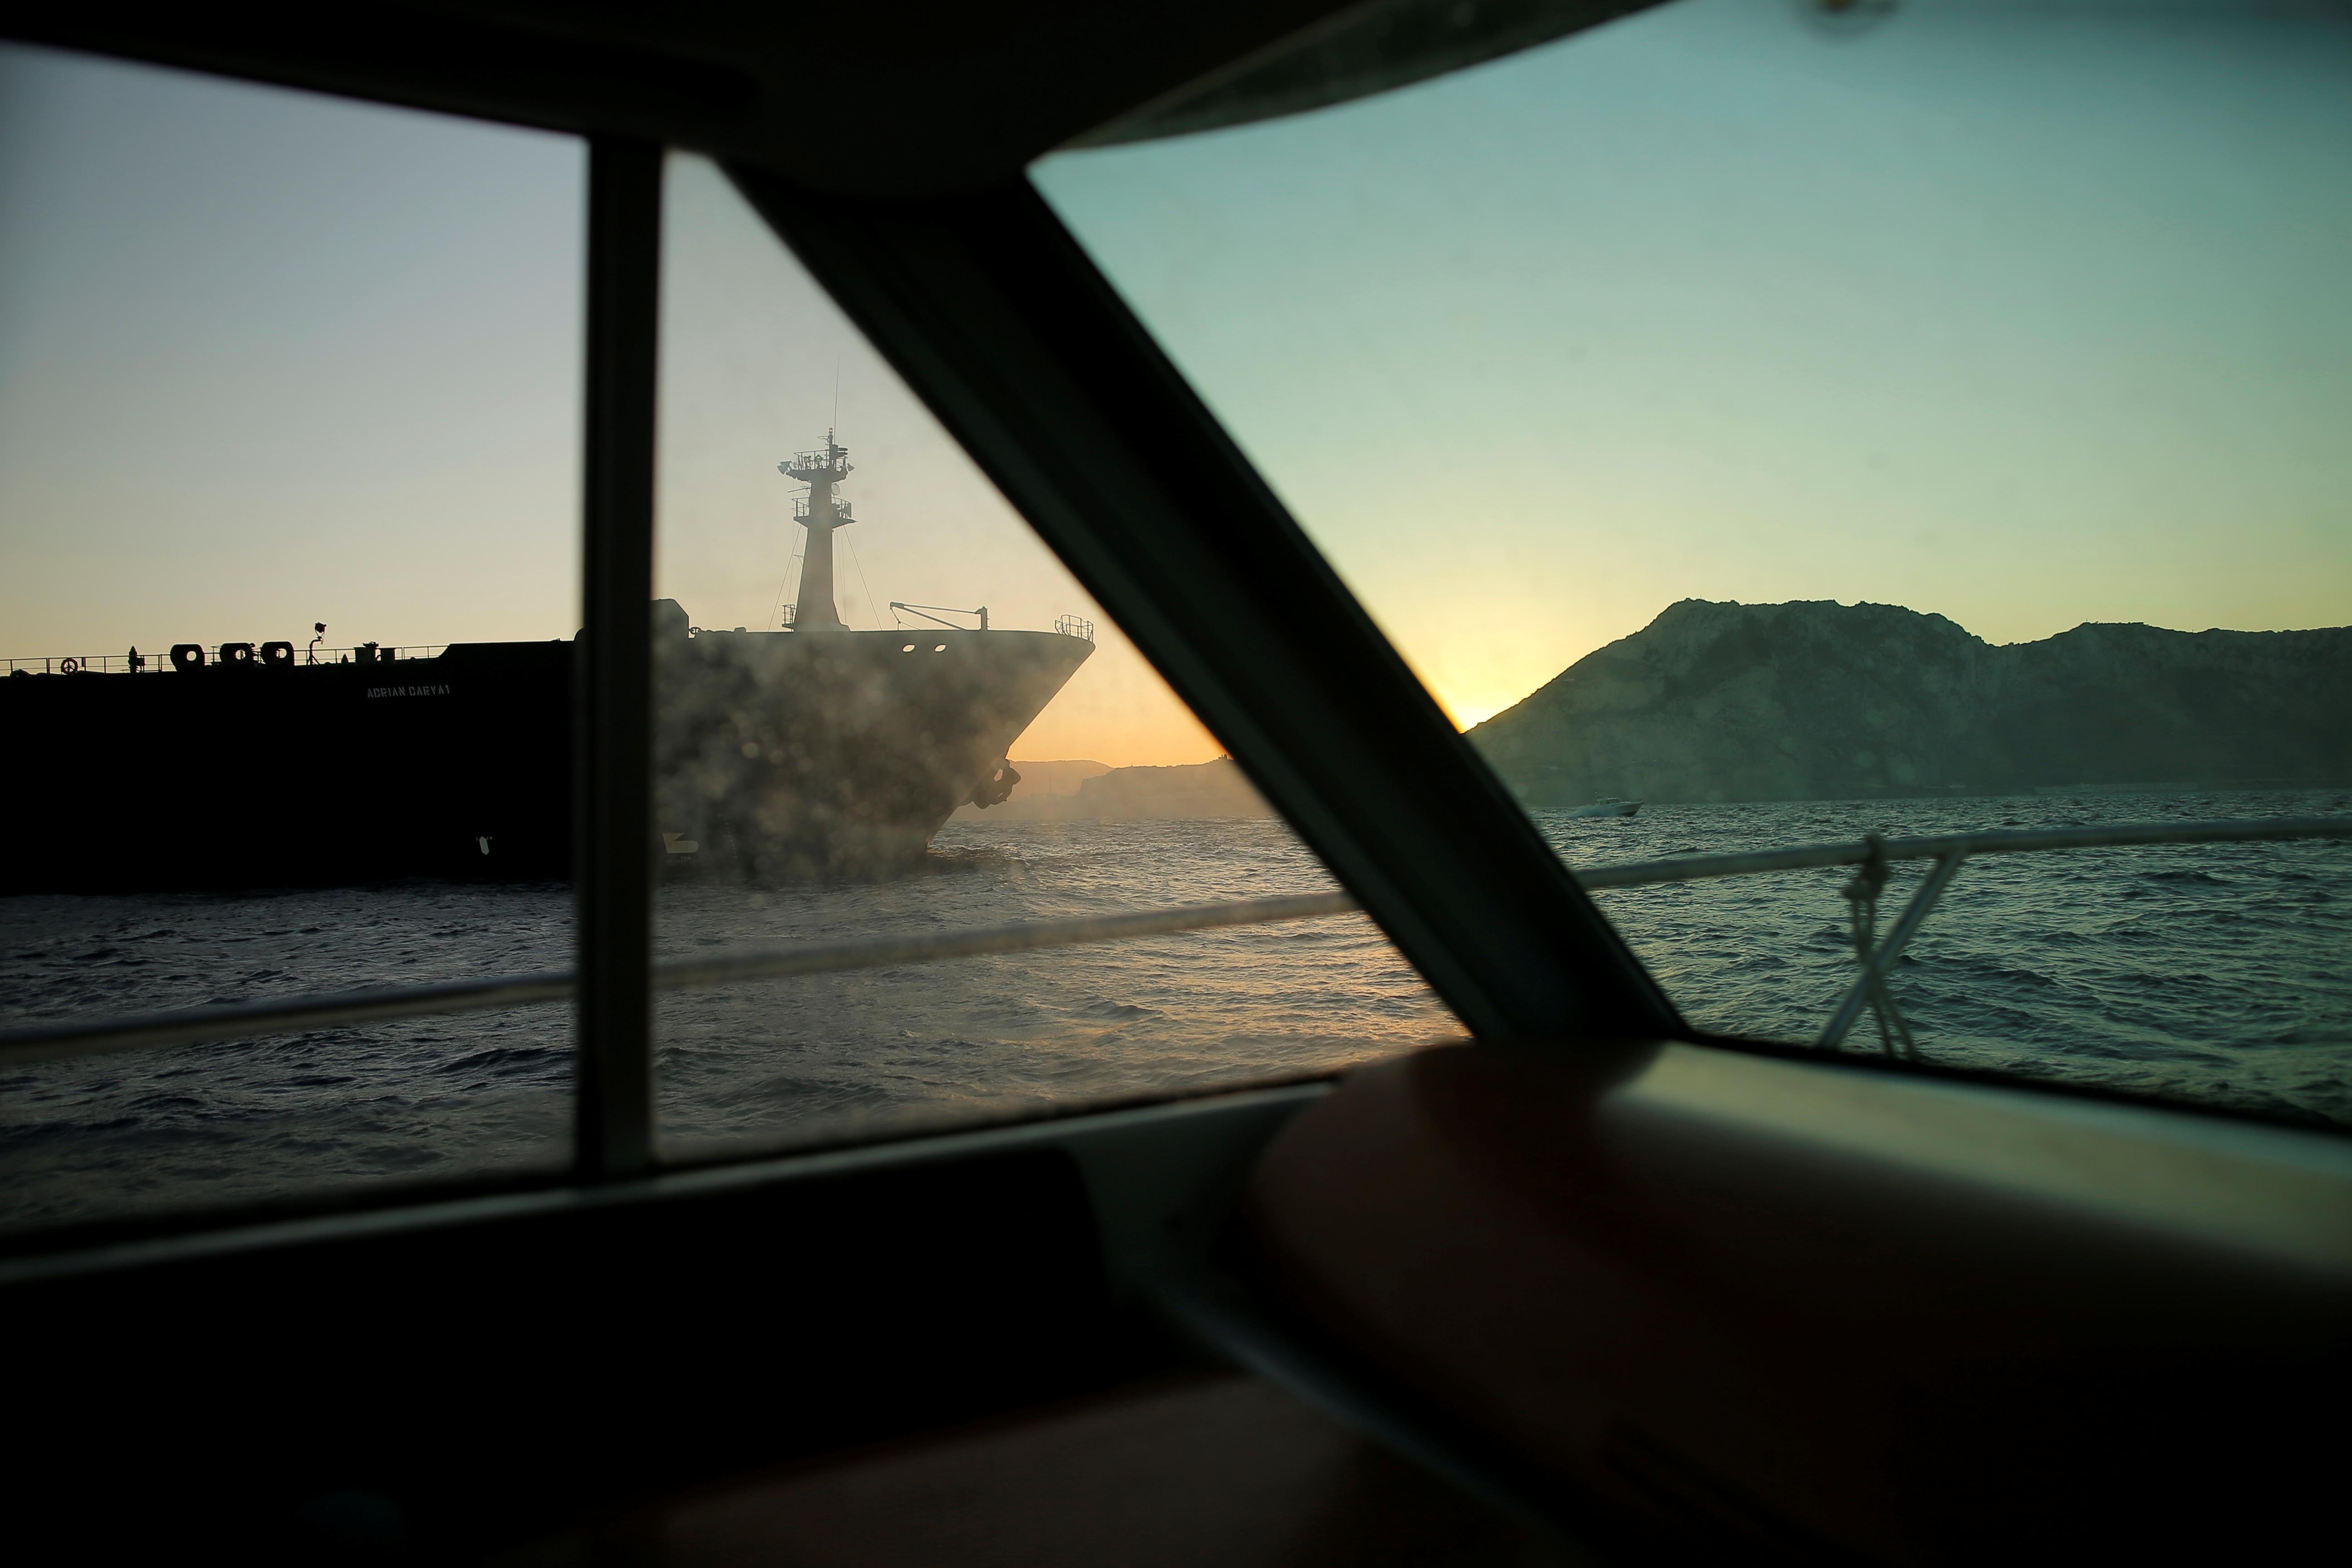 Un pétrolier iranien au centre du bras de fer avec l'ouest quitte Gibraltar, selon des données d'expédition